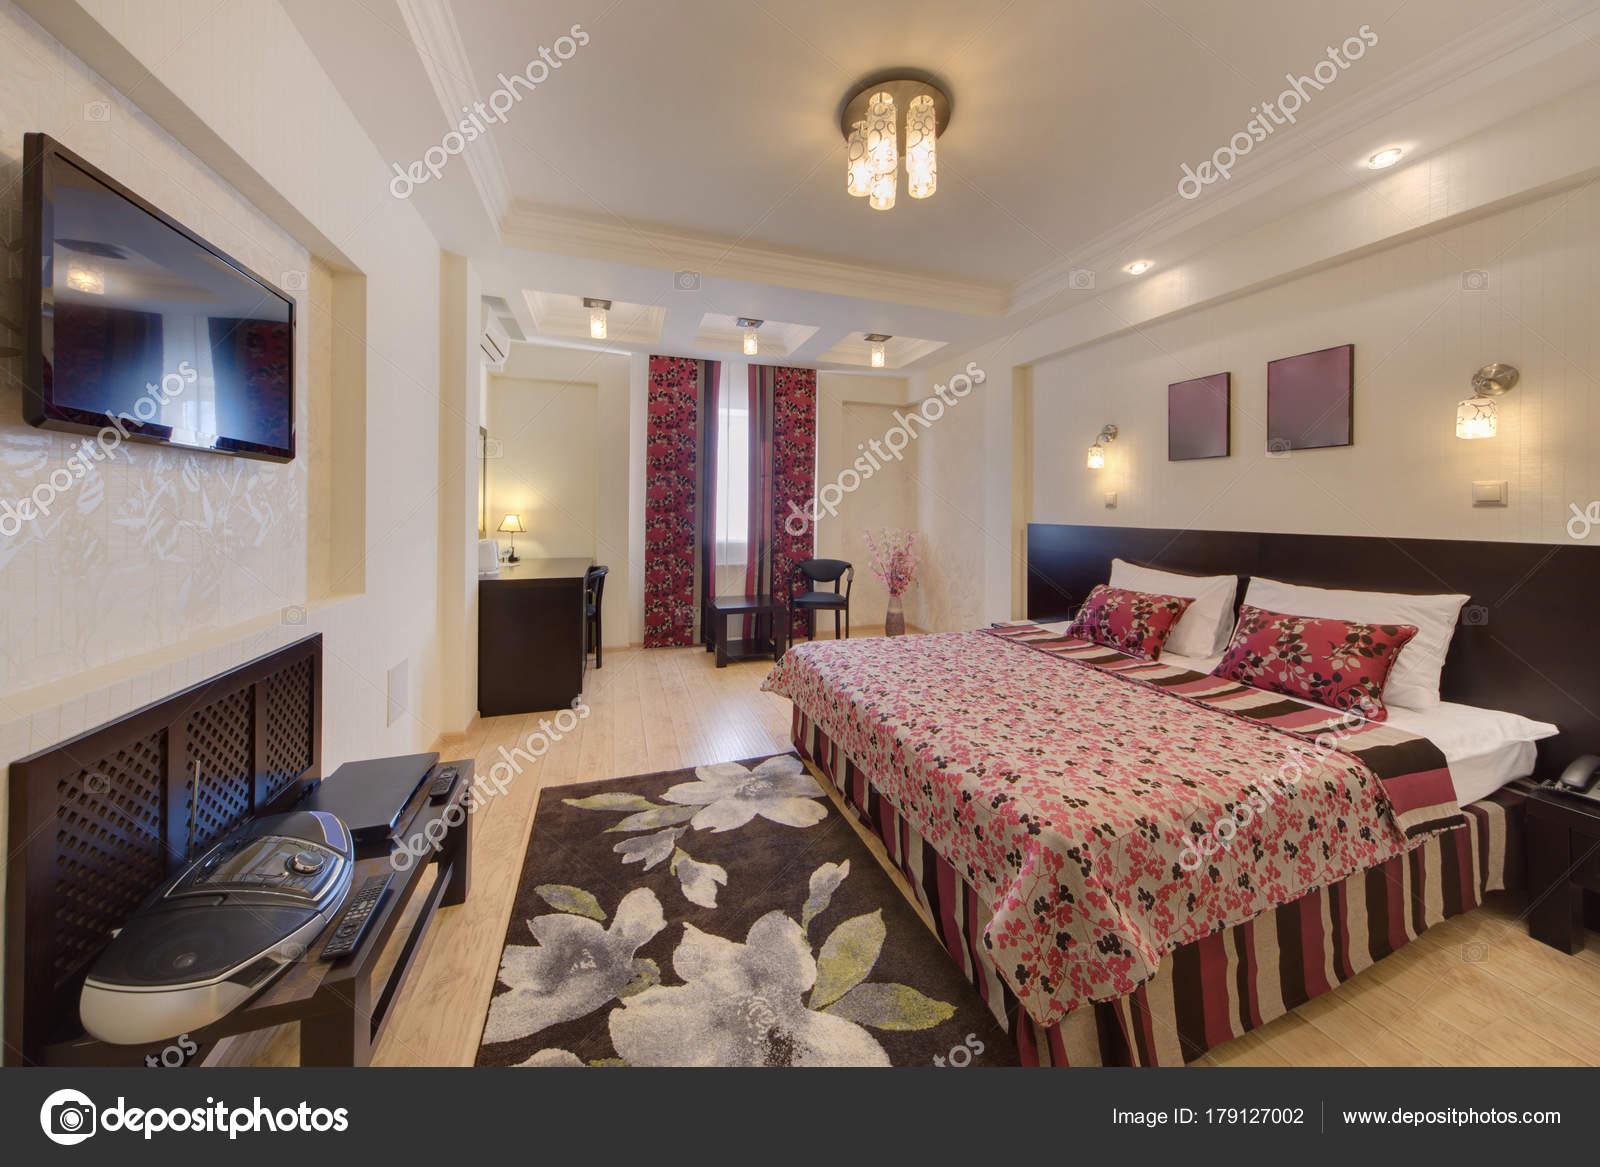 Das Schlafzimmer Mit Einem Dunklen Teppich Auf Einer Etage Tisch ...